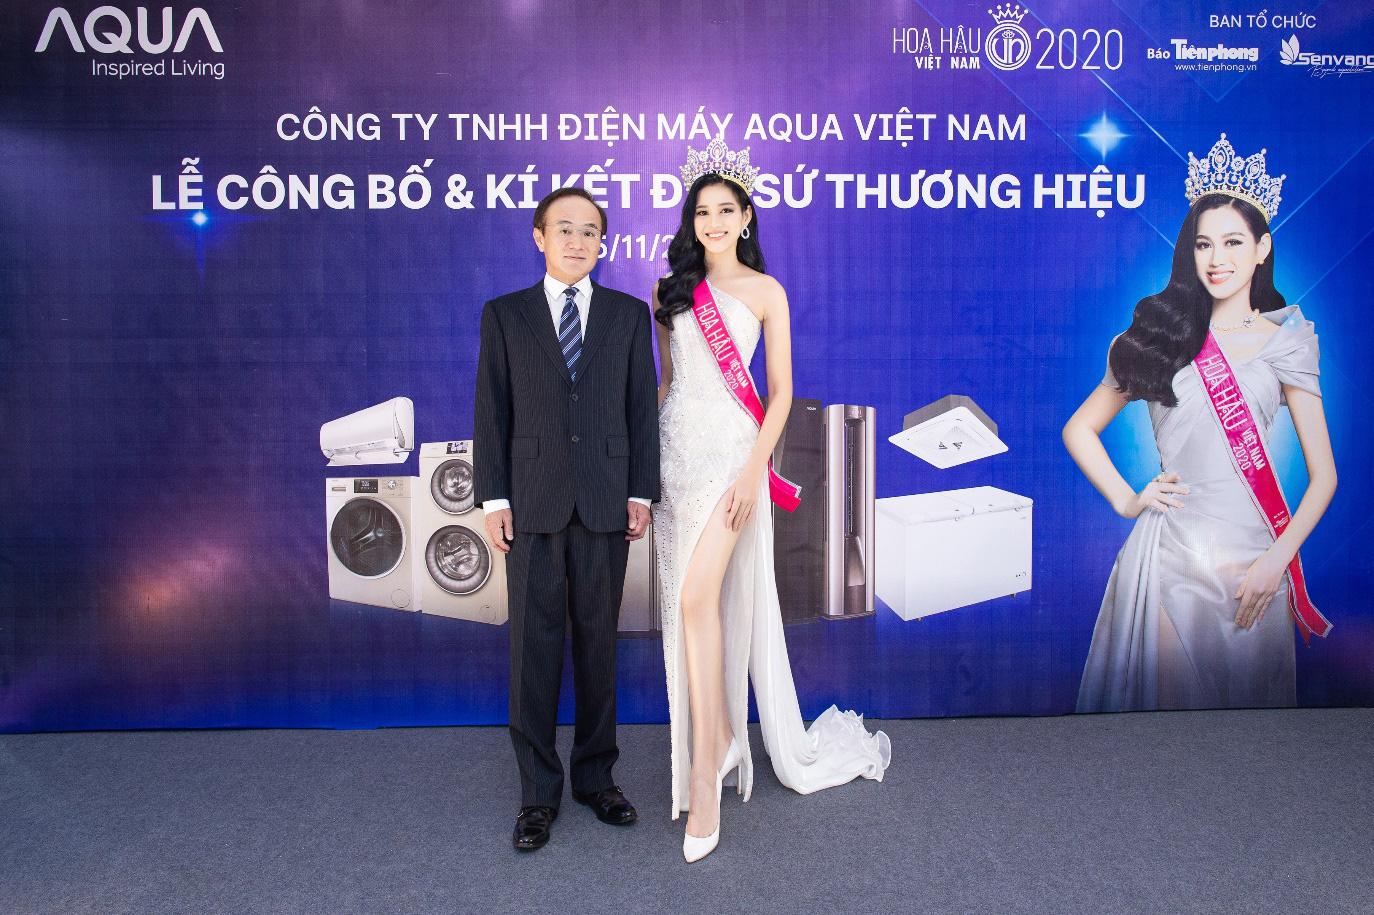 AQUA Việt Nam công bố Đỗ Thị Hà - Hoa hậu Việt Nam 2020 là đại sứ thương hiệu năm 2021 - Ảnh 4.